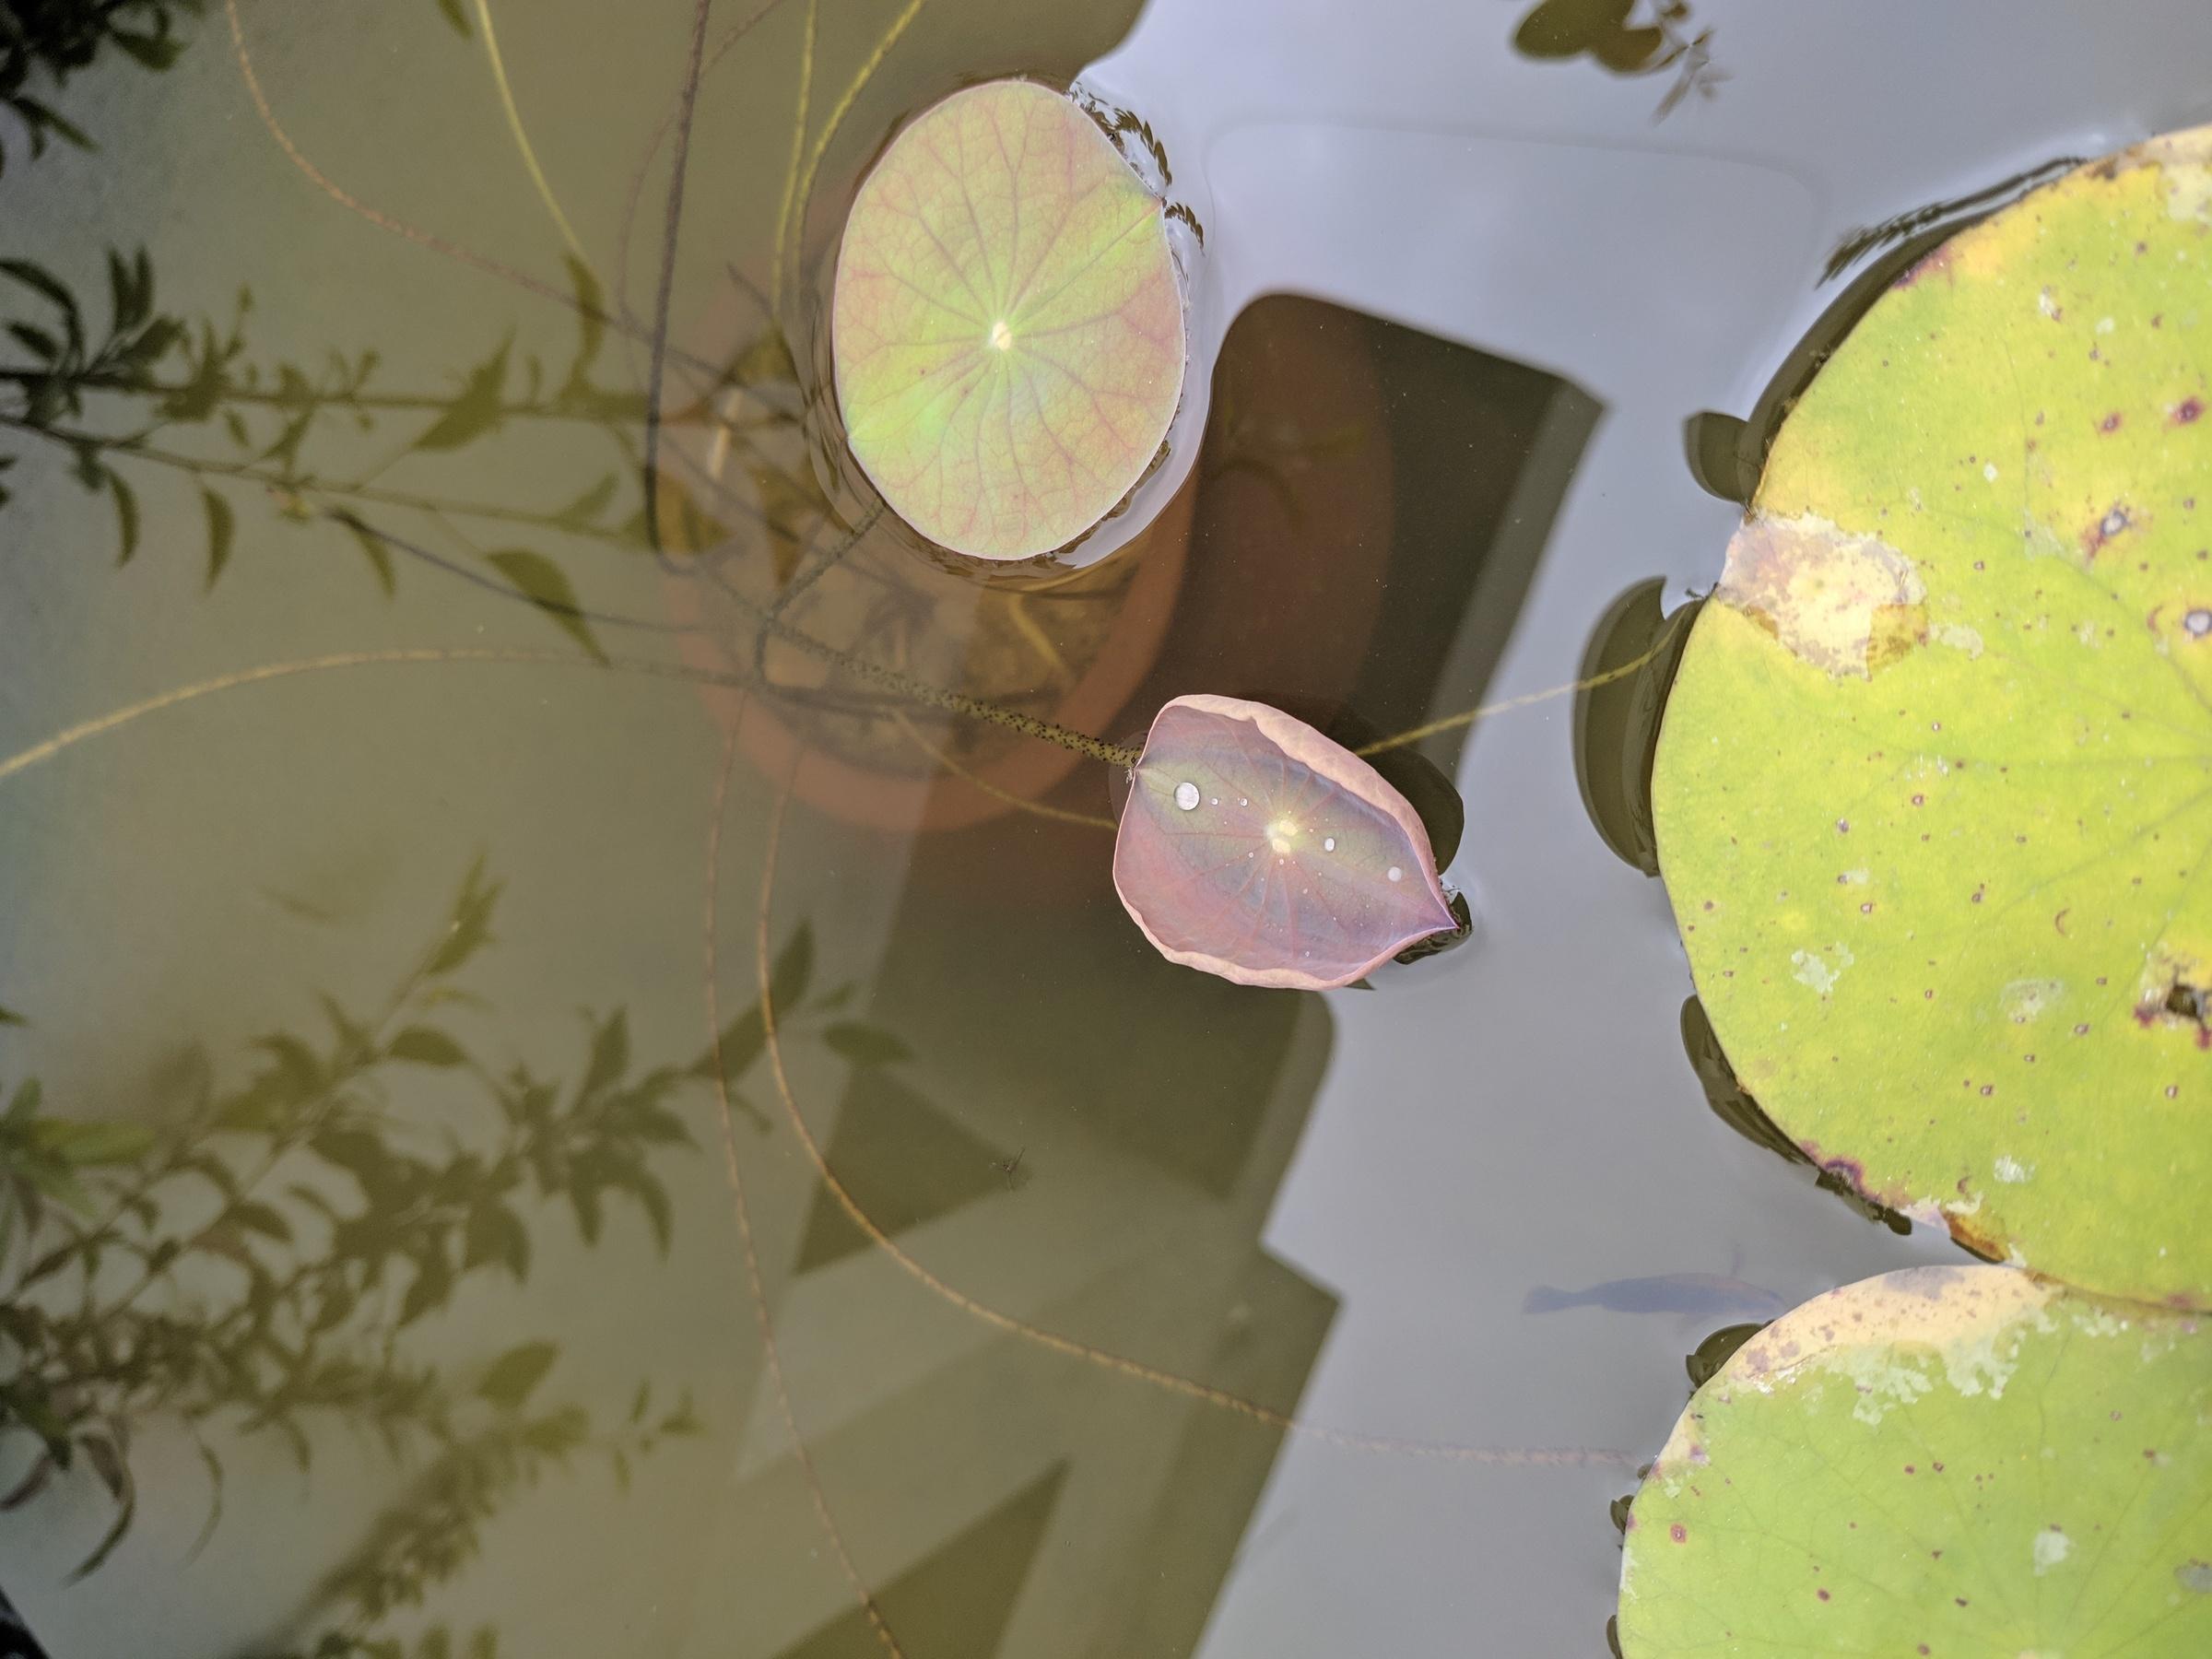 Lotus Shoot Developing Leaf